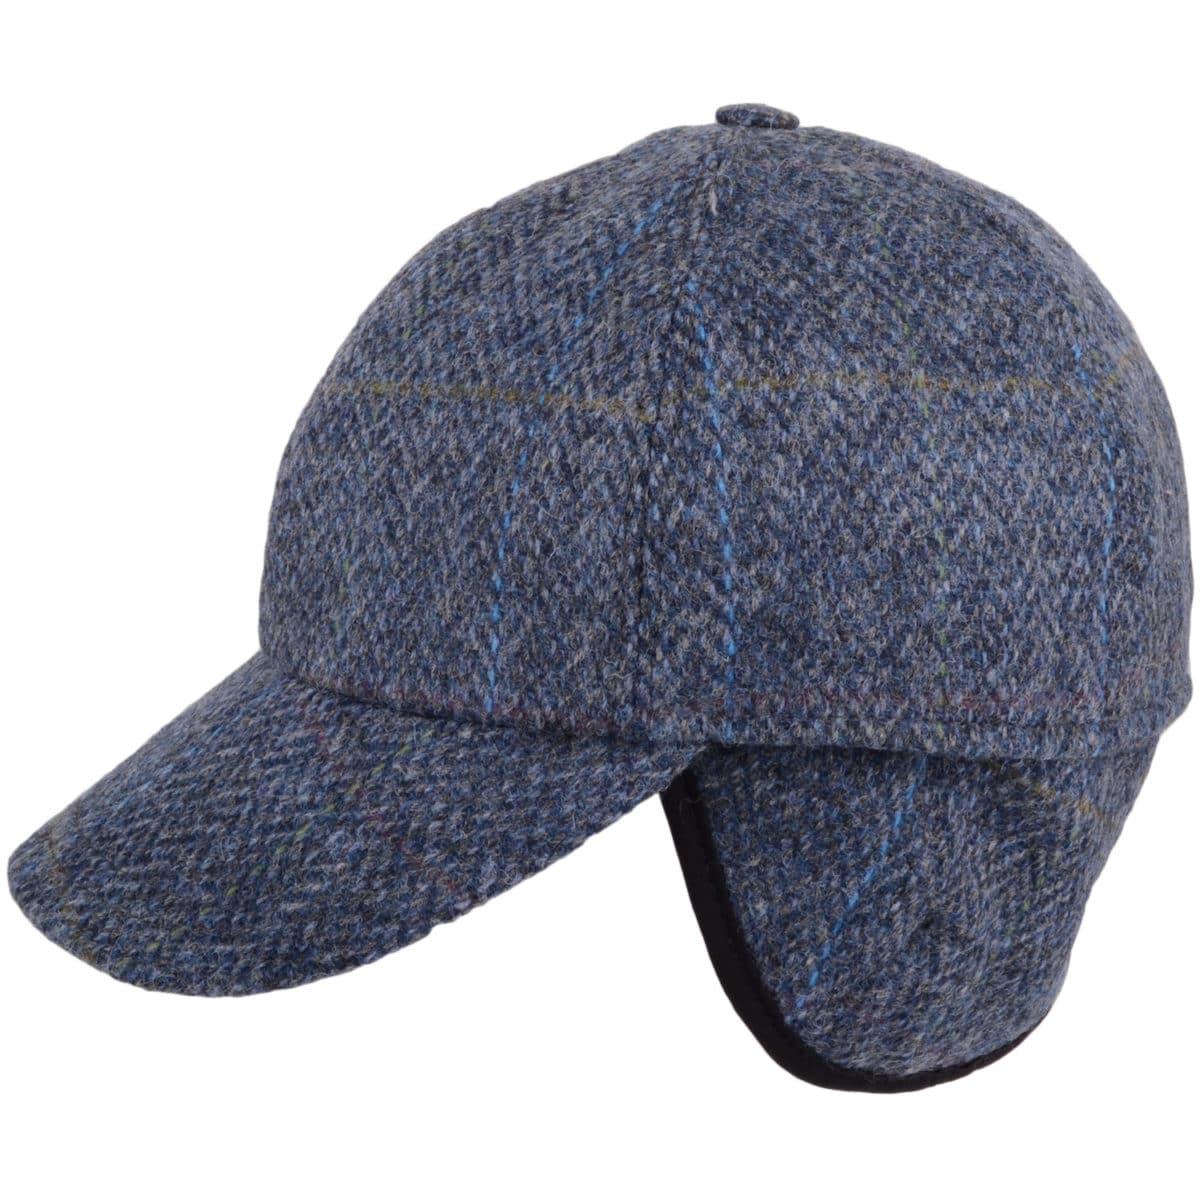 Tweed Baseball Cap - Blue